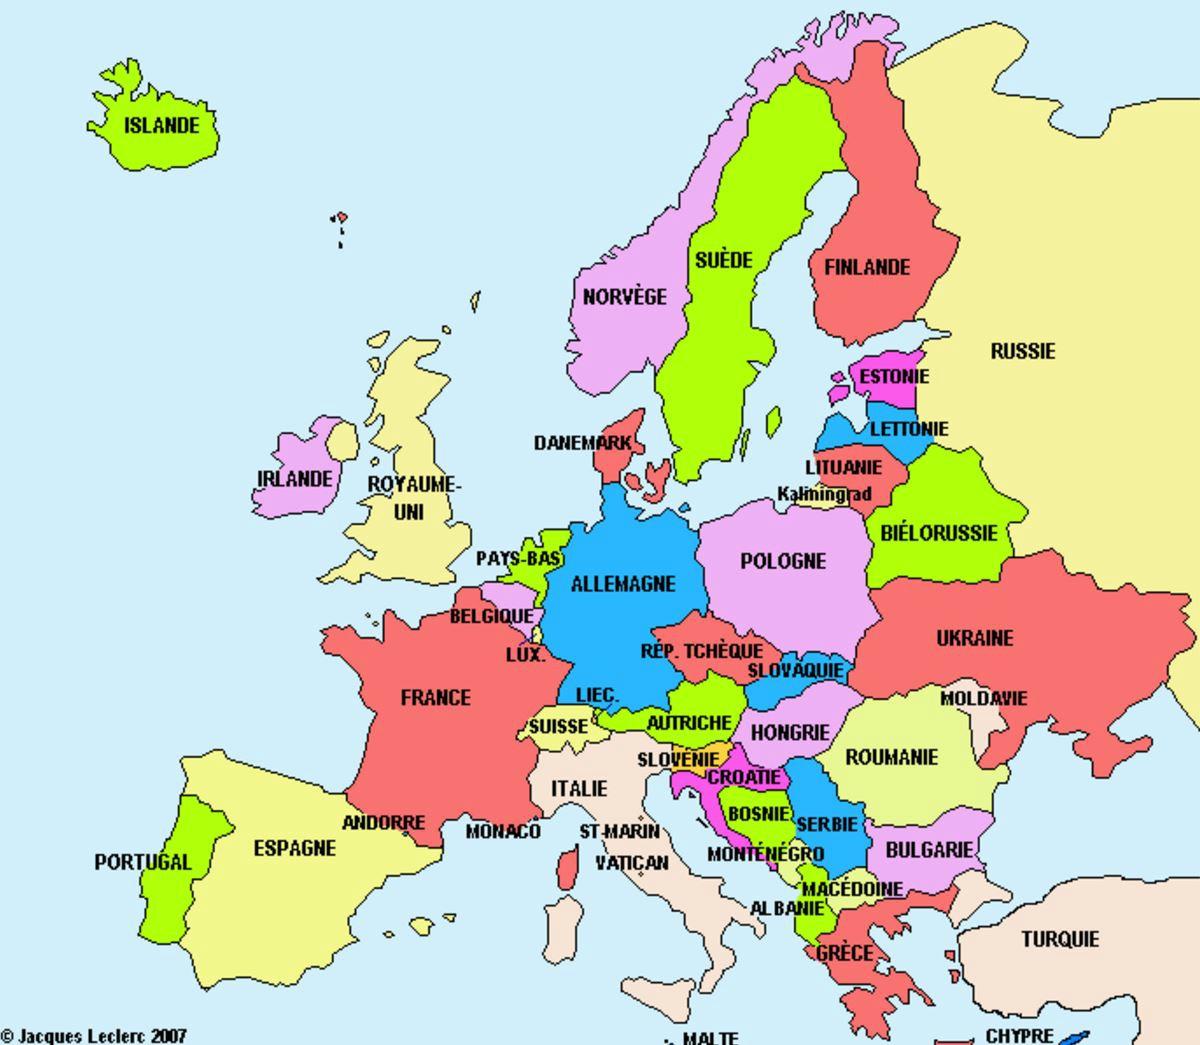 La Carte D'europe Et Ses Pays + Activités - Le Blog Du Cours intérieur Carte De L Europe 2017